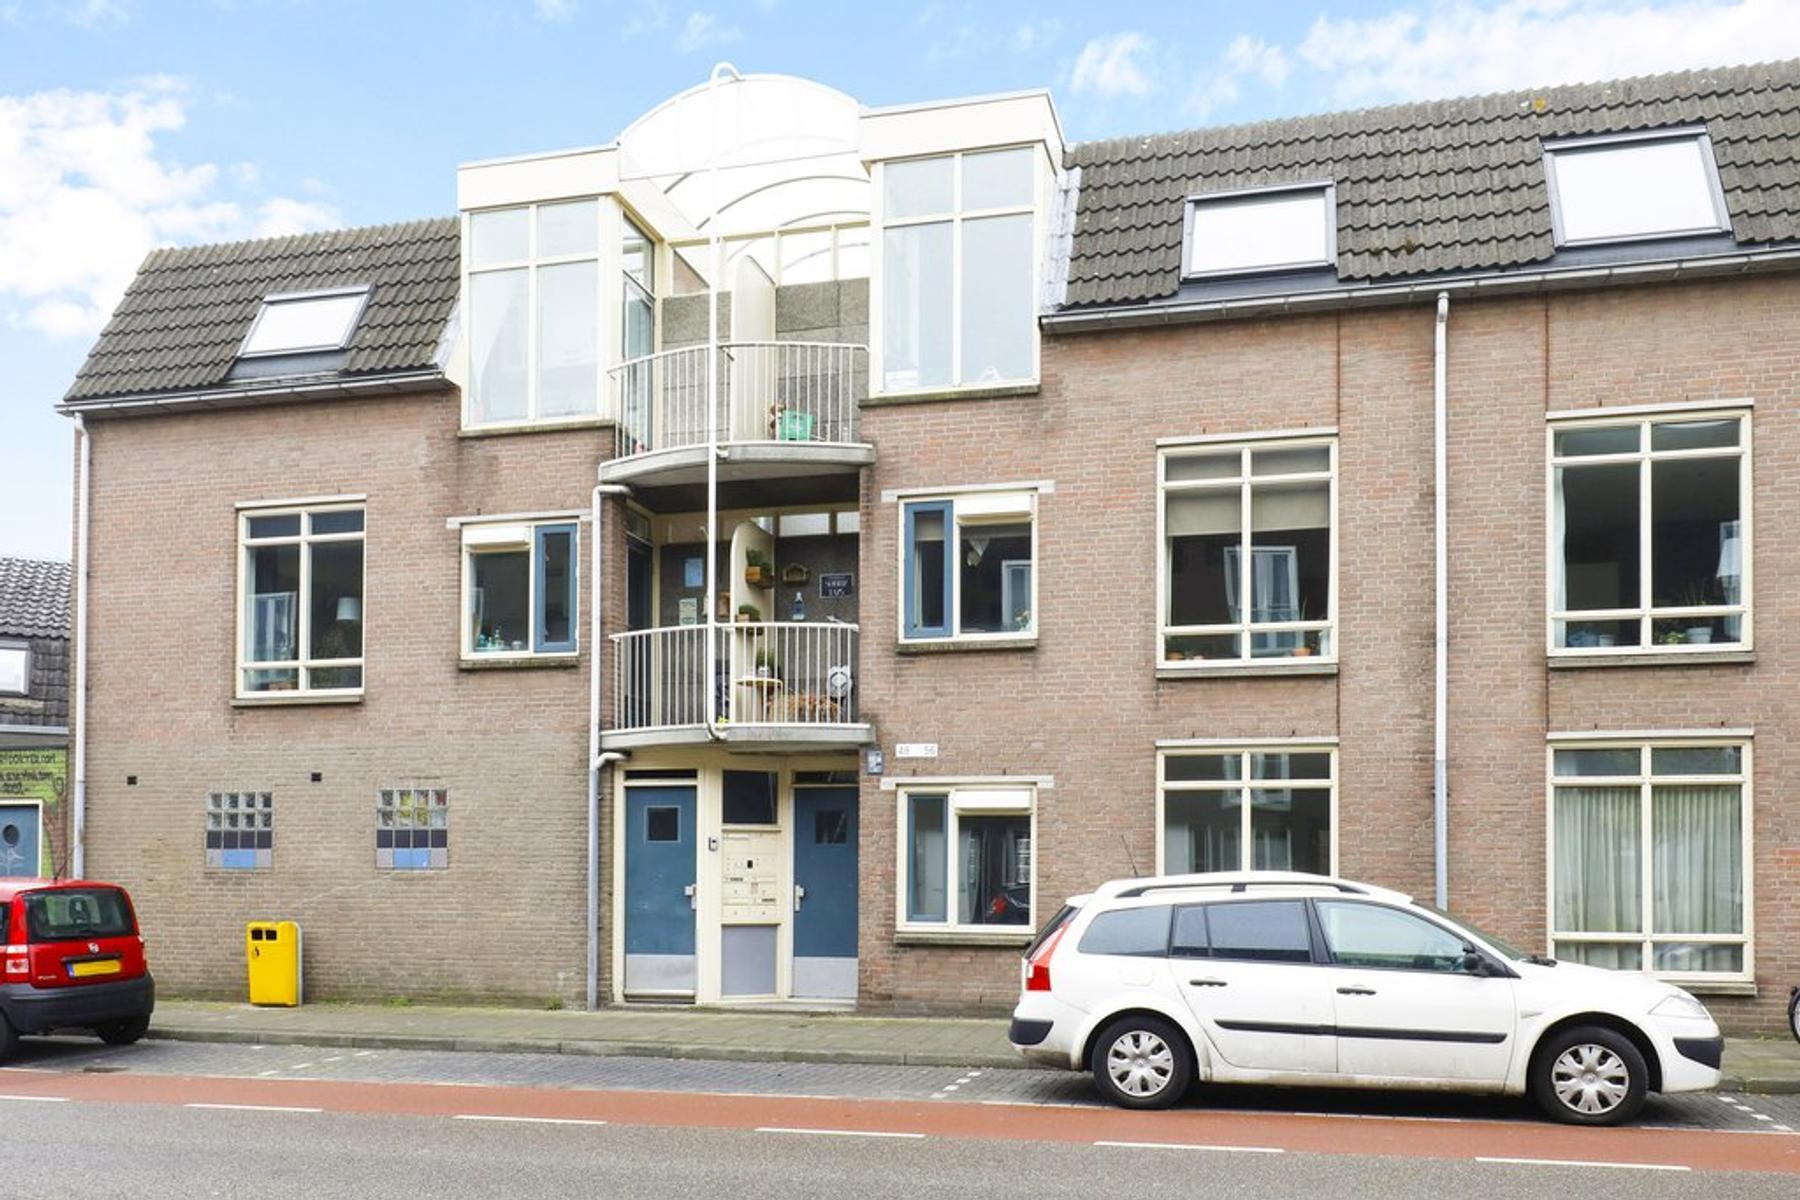 Loevenhoutsedijk 48 in Utrecht 3552 XE